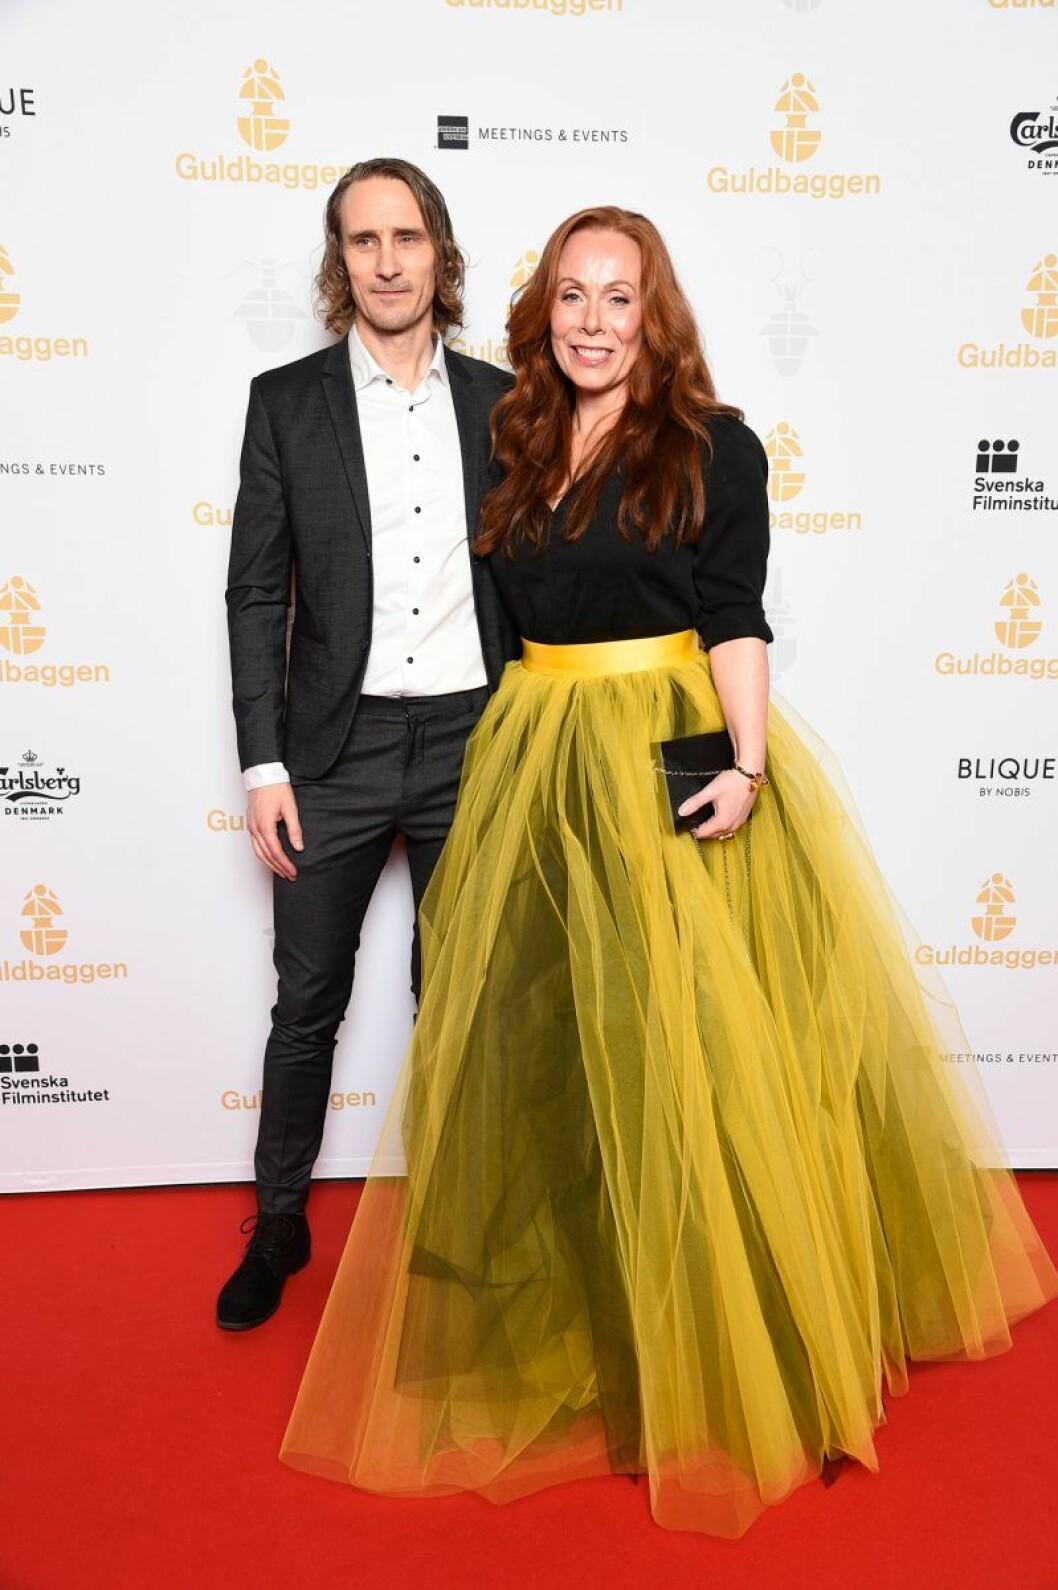 Rachel Mohlin och Håkan Messing på röda mattan på Guldbaggegalan 2020